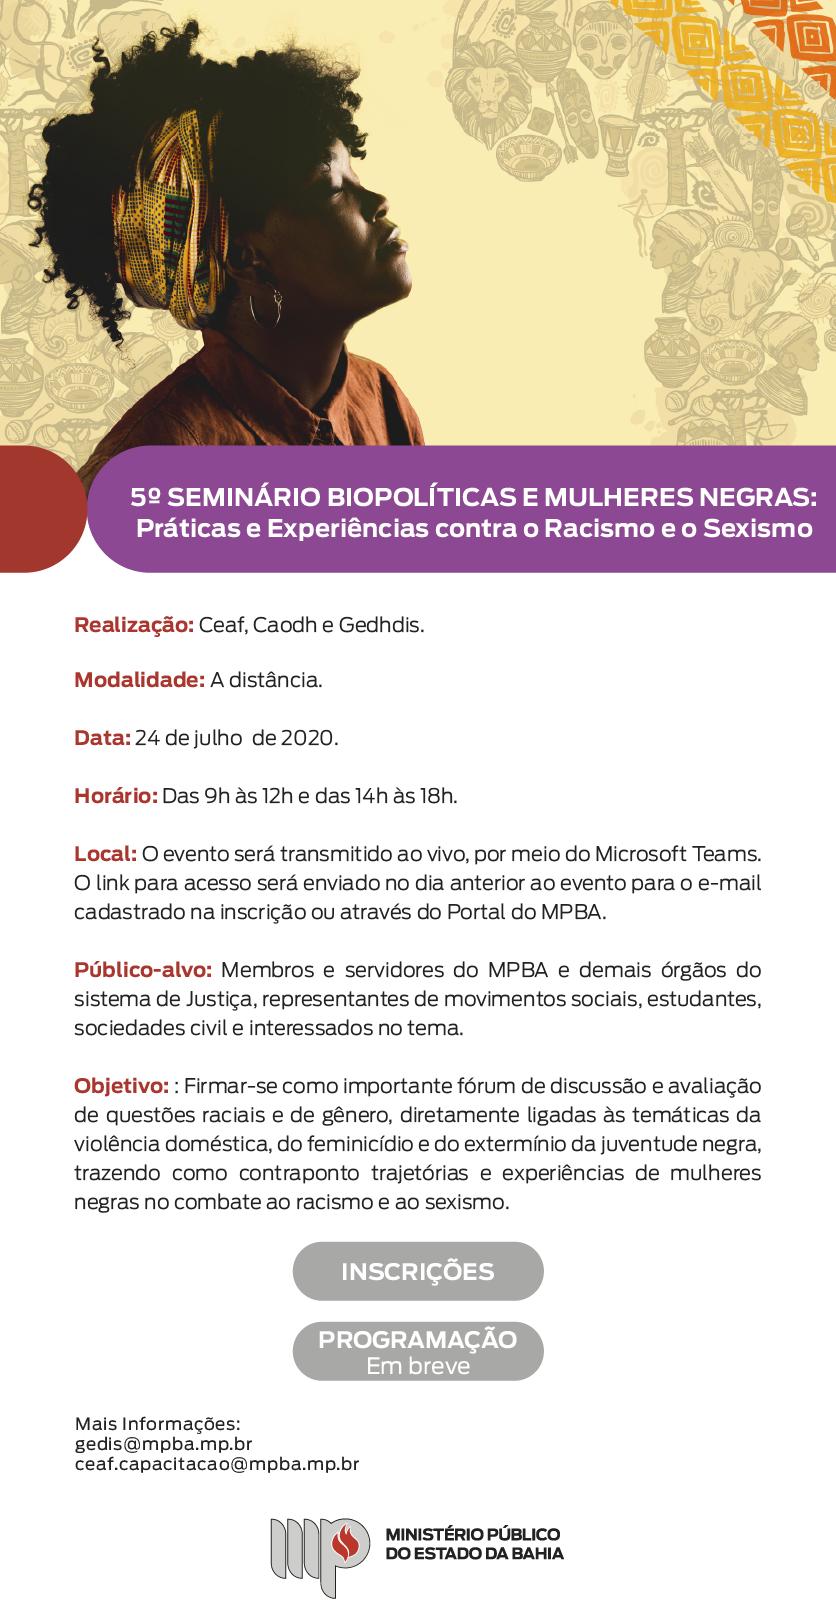 Foto de uma mulher negra com fundo estilizado com o mapa da África composto de vários elementos característicos da cultura afro-brasileira. 5º SEMINÁRIO BIOPOLÍTICAS E MULHERES NEGRAS: Práticas e Experiências contra o Racismo e Sexismo Realização: Ceaf, Caodh e Gedhdis. Modalidade: À distância Data: 24 de julho de 2020. Horário: Das 9h às 12h e das 14h às 18h. Local: O evento será transmitido ao vivo, por meio do Microsoft Teams. O link para acesso será enviado no dia anterior ao evento para o e-mail cadastrado na inscrição ou através da home page do MPBA. Público-alvo: Membros e servidores do MPBA e demais órgãos do sistema de Justiça, representantes de movimentos sociais, estudantes, sociedades civil e demais interessados no tema. Objetivo: Firmar-se como importante fórum de discussão e avaliação de questões raciais e de gênero, diretamente ligadas às temáticas da violência doméstica, do feminicídio e do extermínio da juventude negra, trazendo como contraponto trajetórias e experiências de mulheres negras no combate ao racismo e ao sexismo. Botão clicável para INSCRIÇÕES PROGRAMAÇÃO Em breve Mais Informações: gedis@mpba.mp.br ceaf.capacitacao@mpba.mp.br